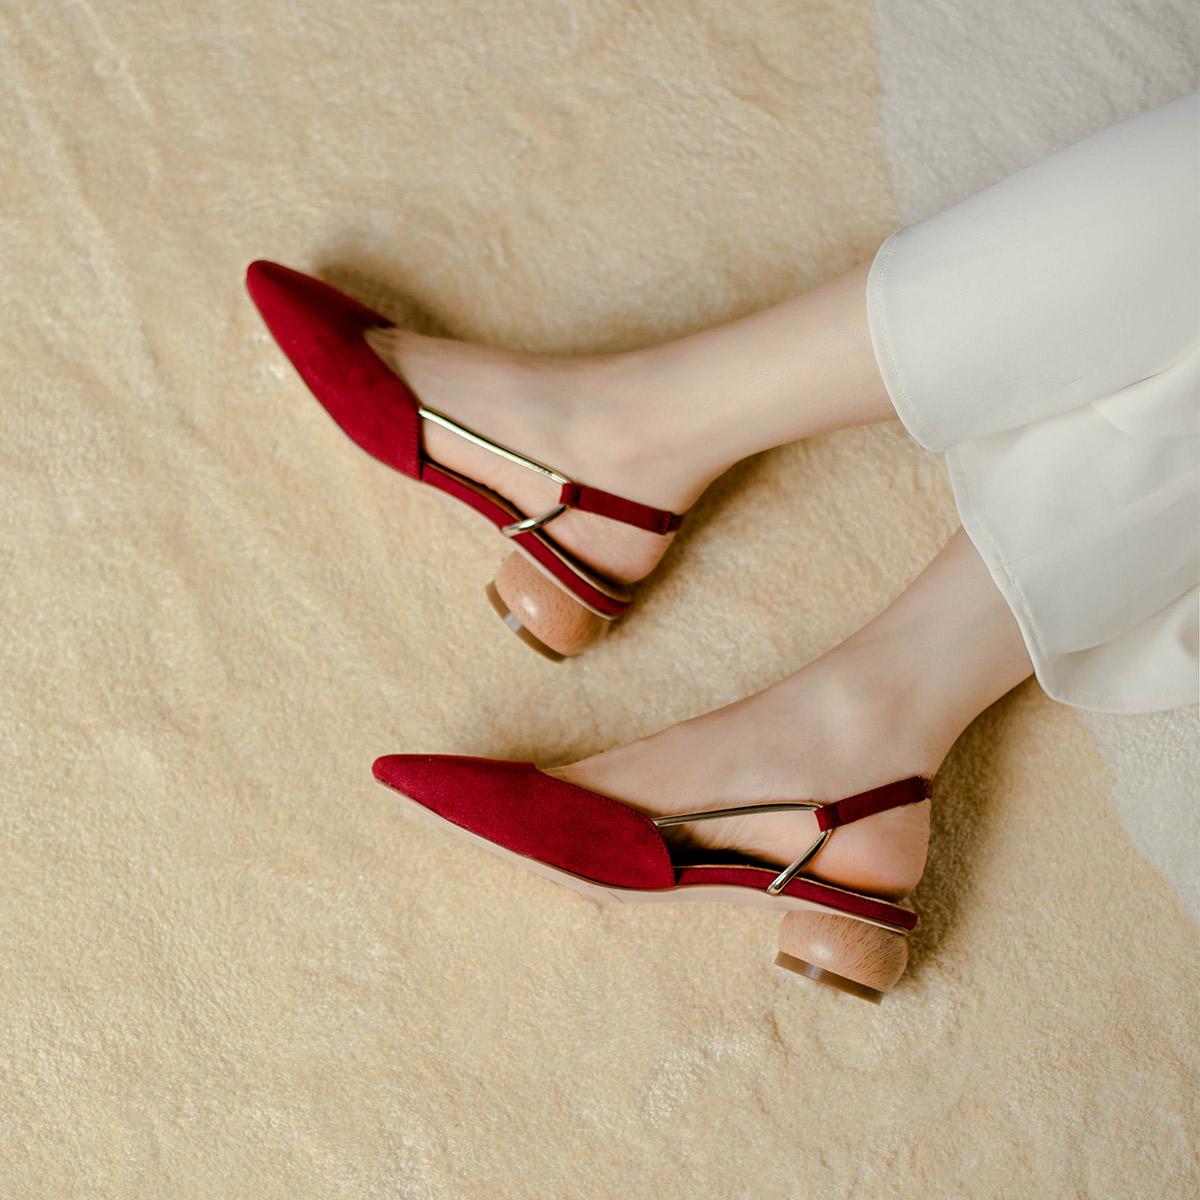 妙侣包头凉鞋女2021新款春季仙女风单鞋粗跟百搭温柔晚晚高跟鞋女